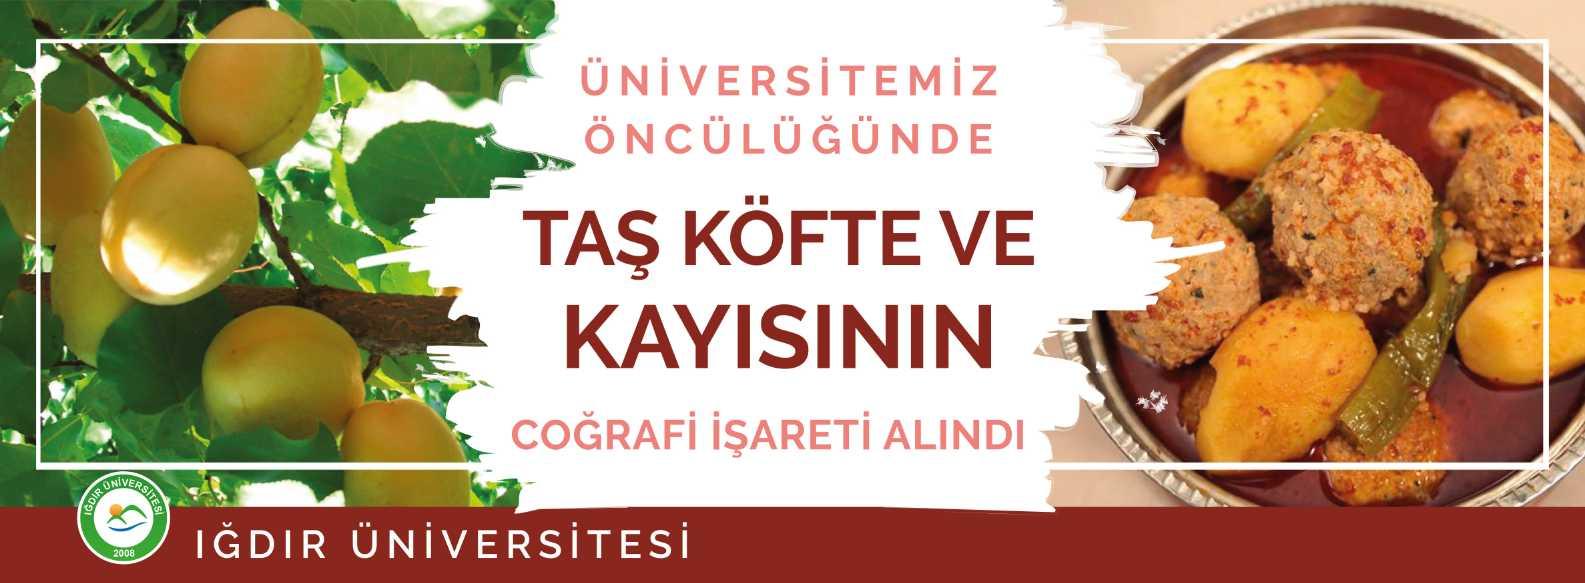 11-06-2019-tas-kofte-ve-kayisi-banner.jpg